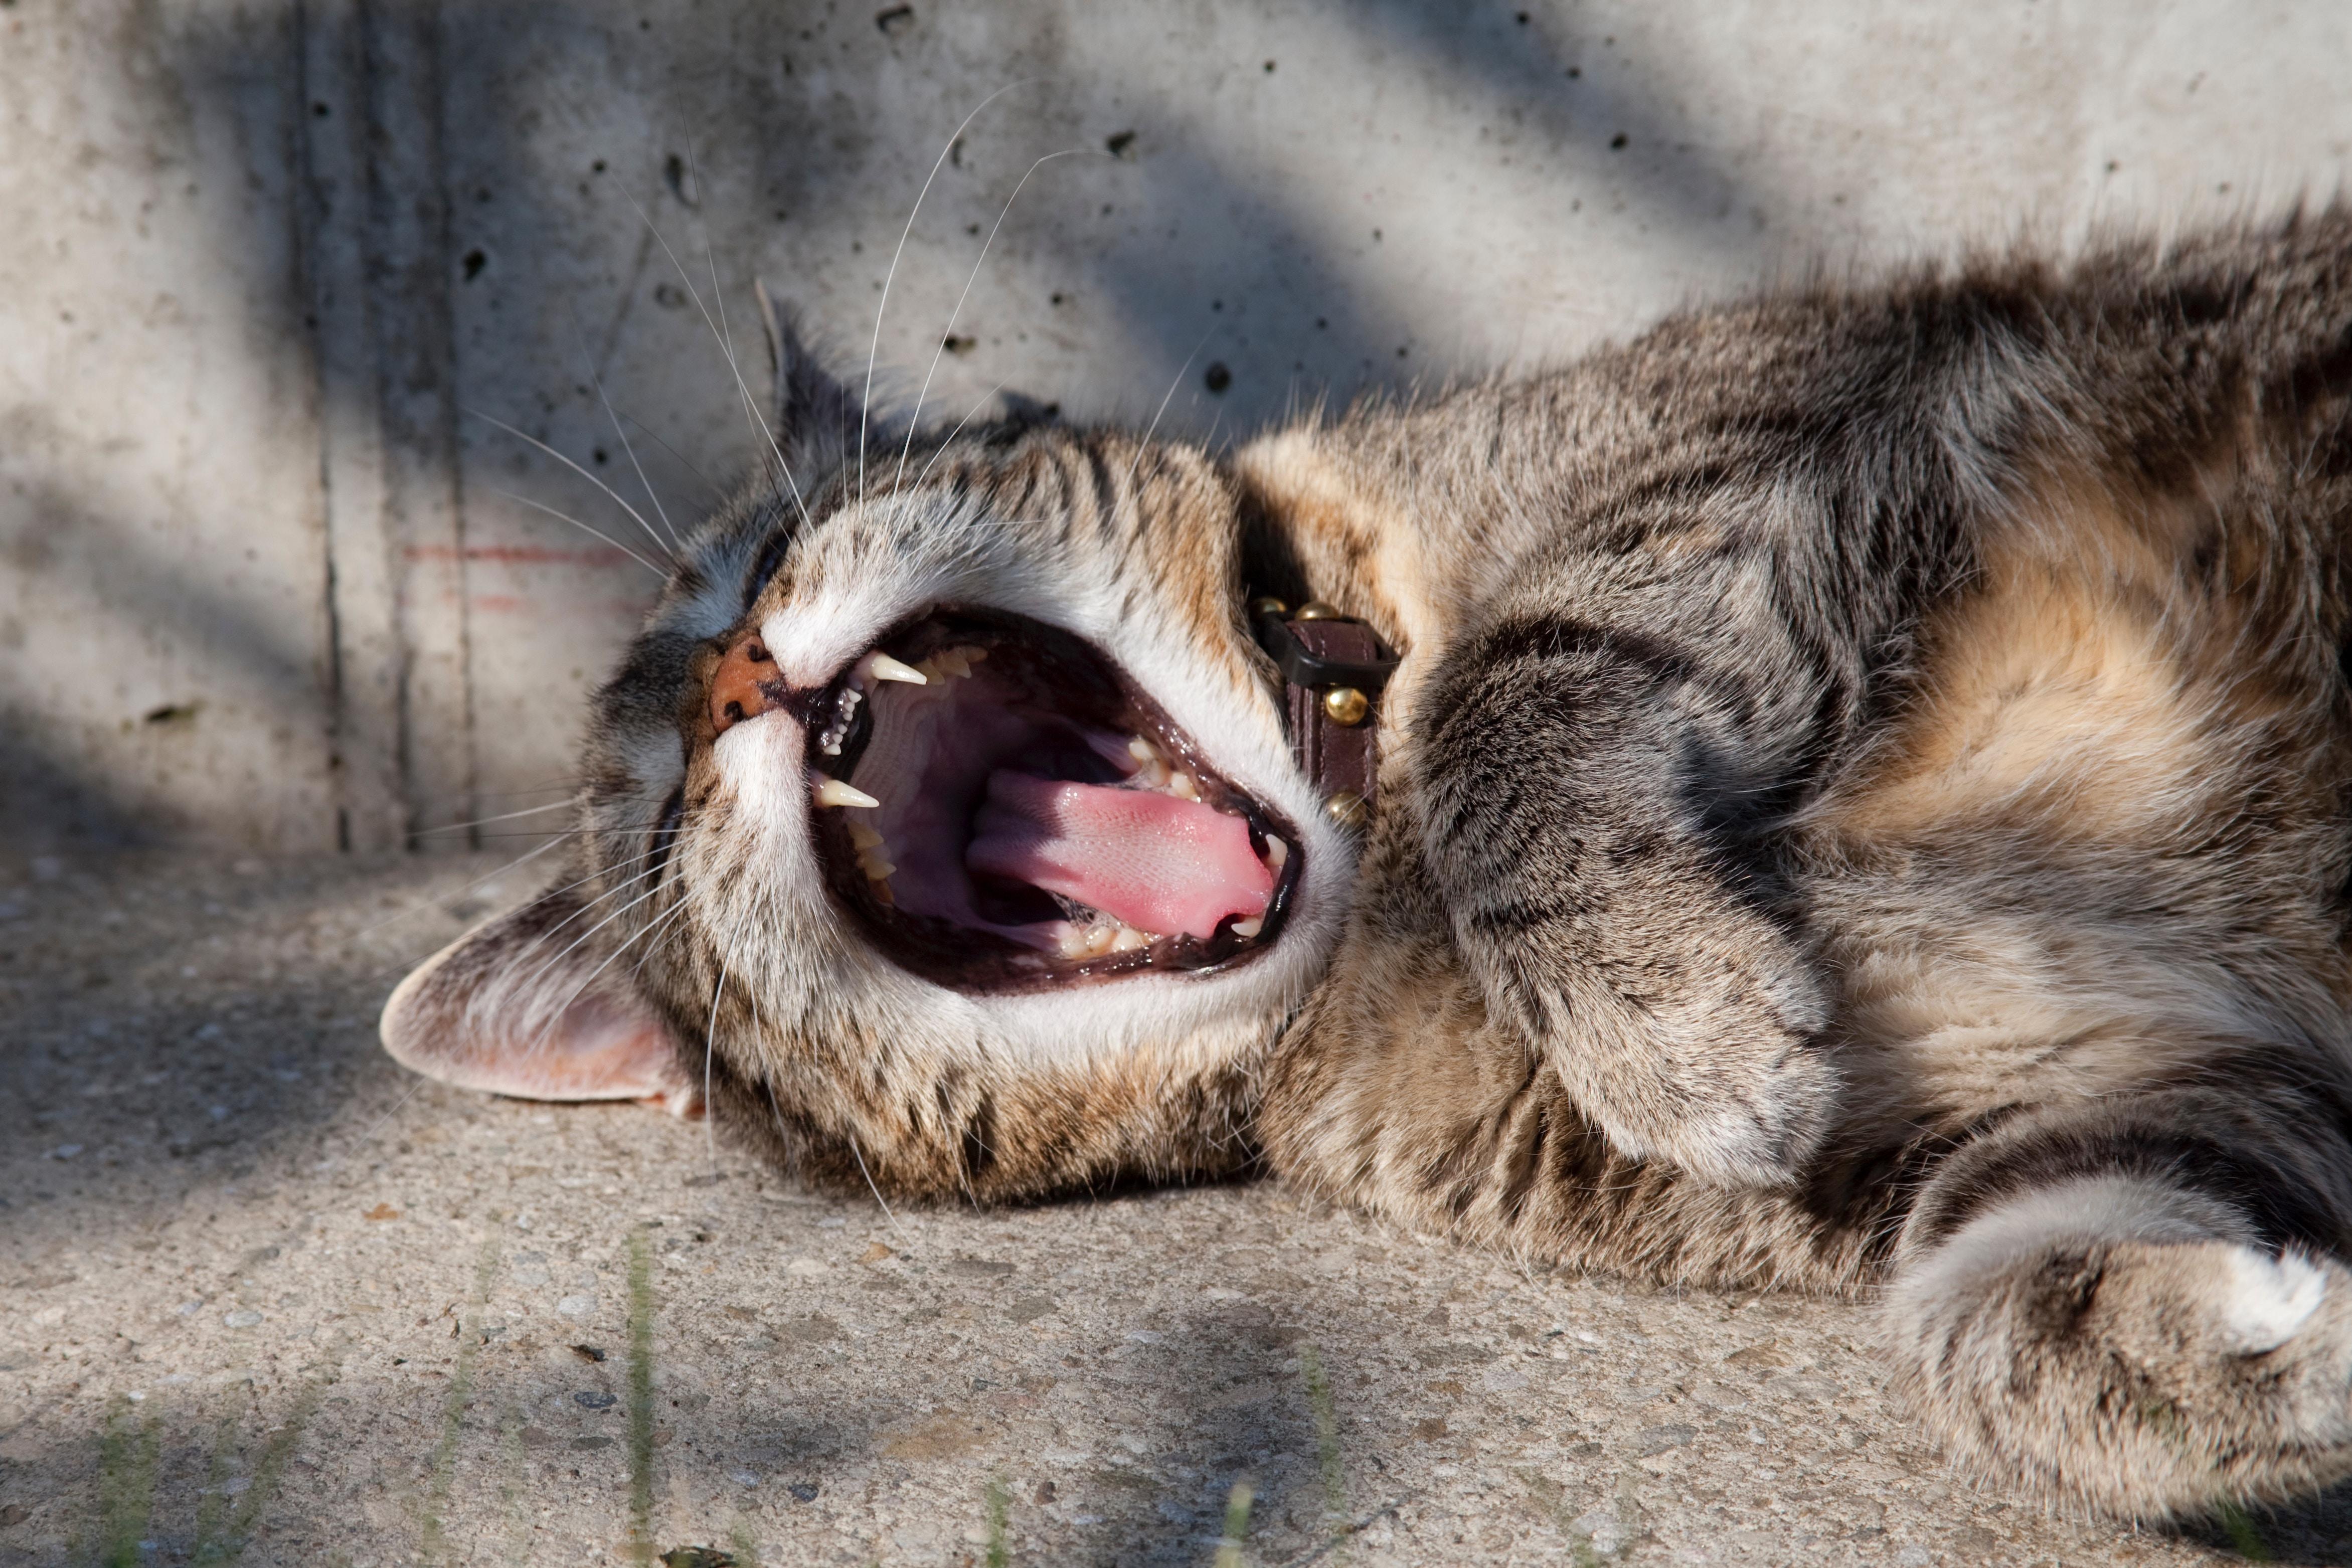 Kat stinkt uit zijn bek